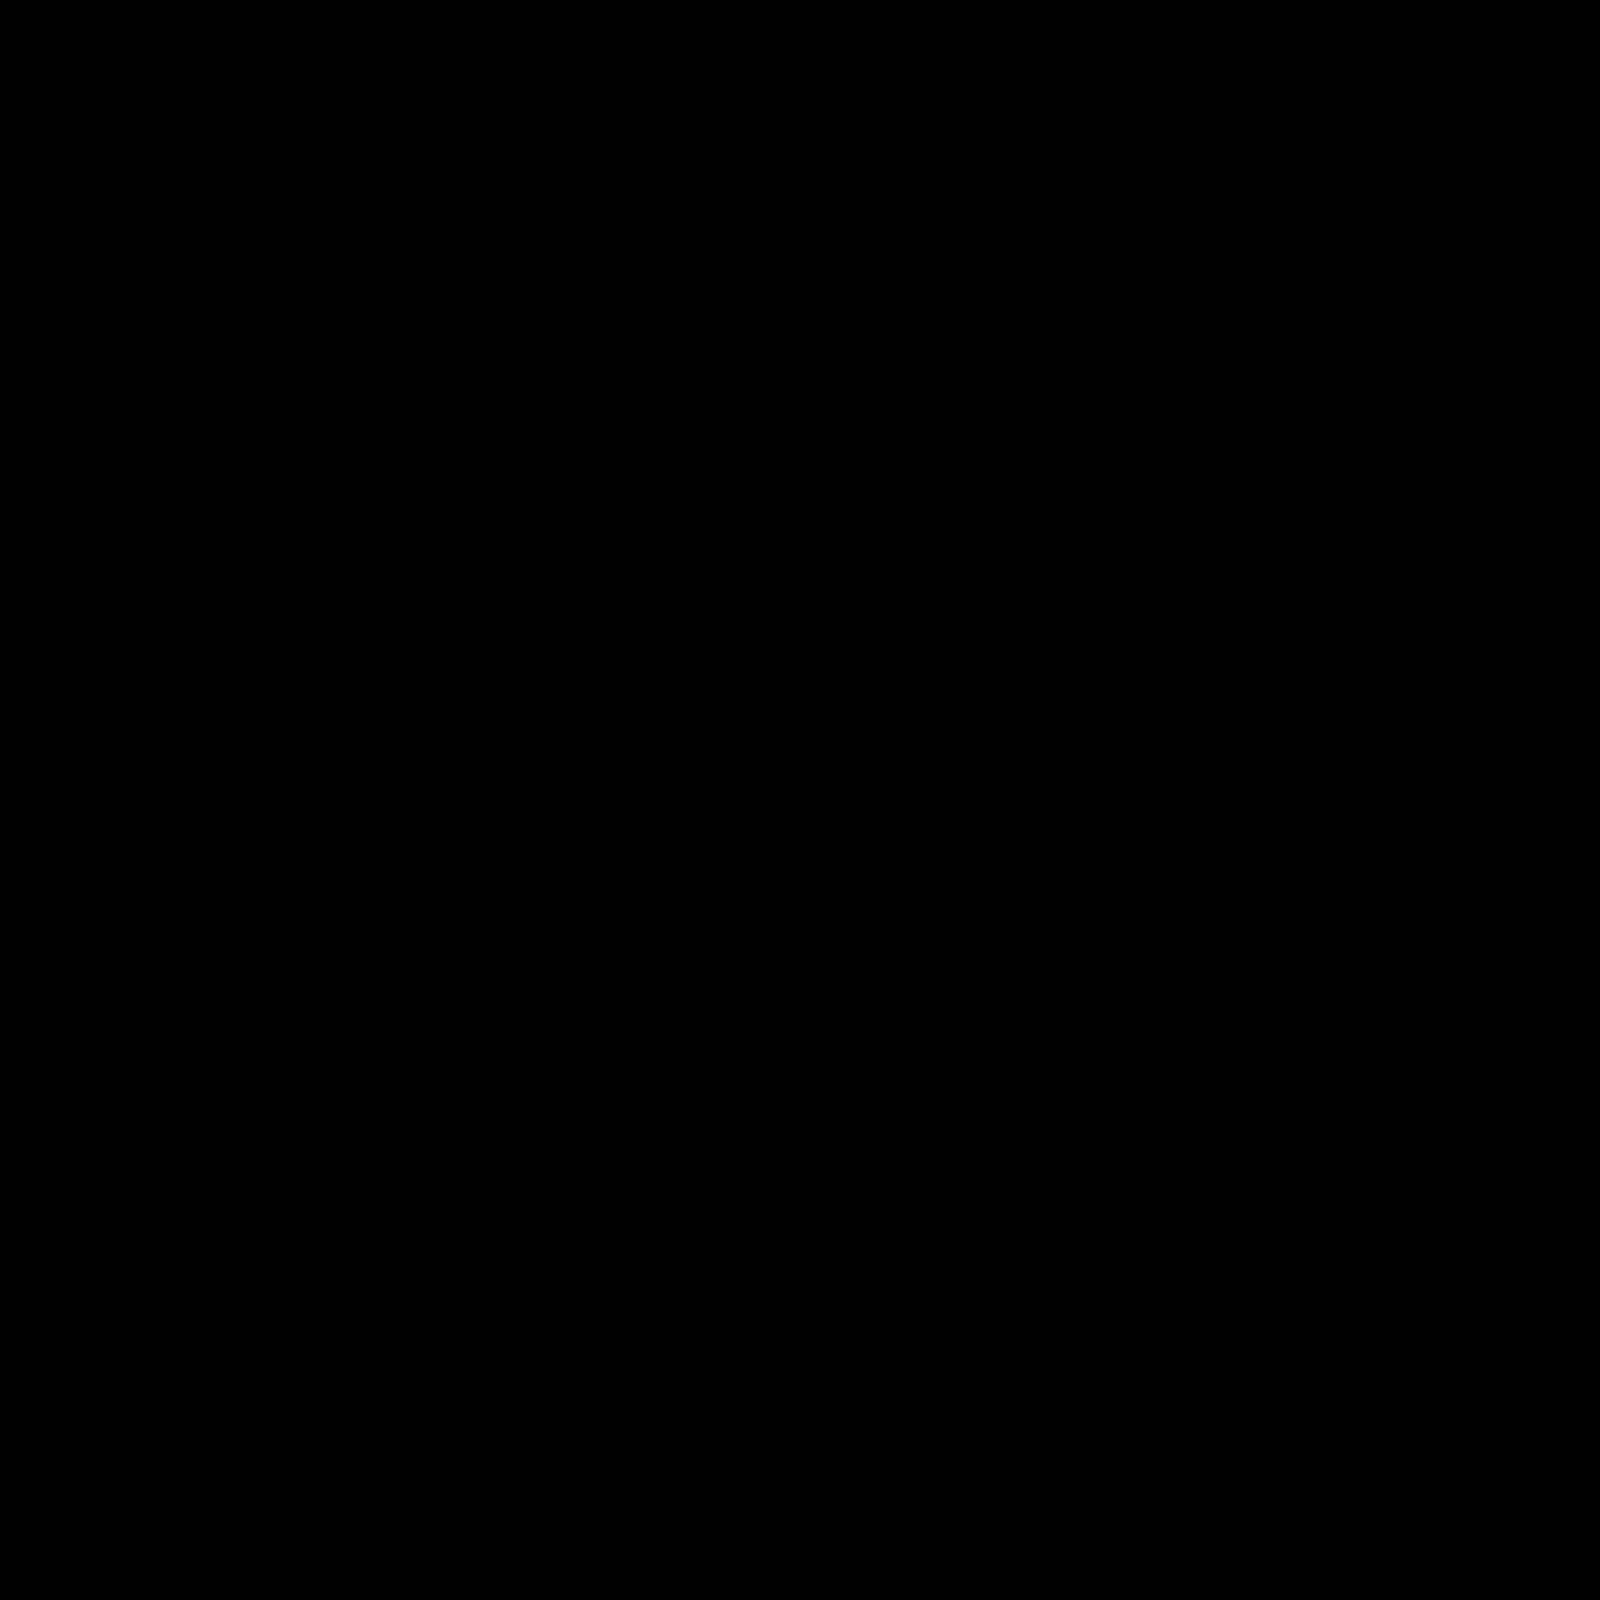 岩 icon